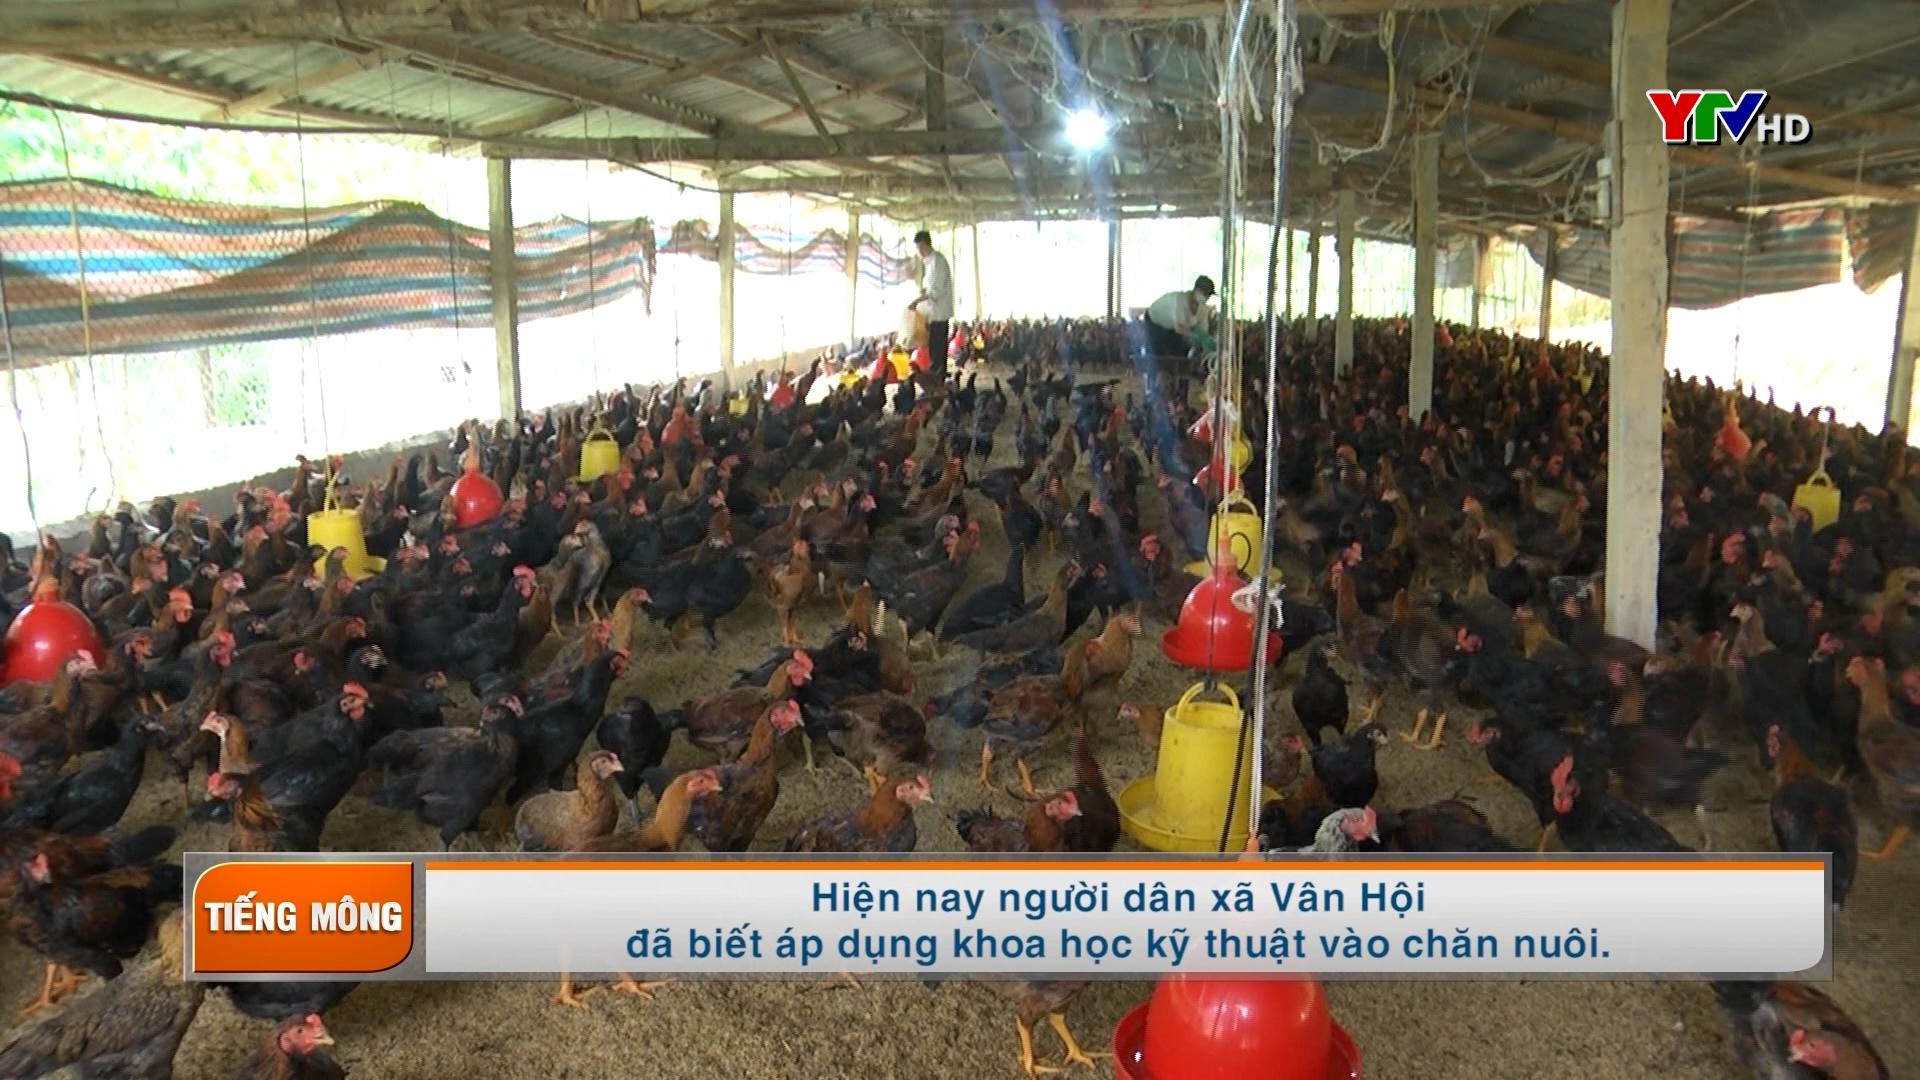 Tạp chí truyền hình tiếng Mông số 6 tháng 10 năm 2020